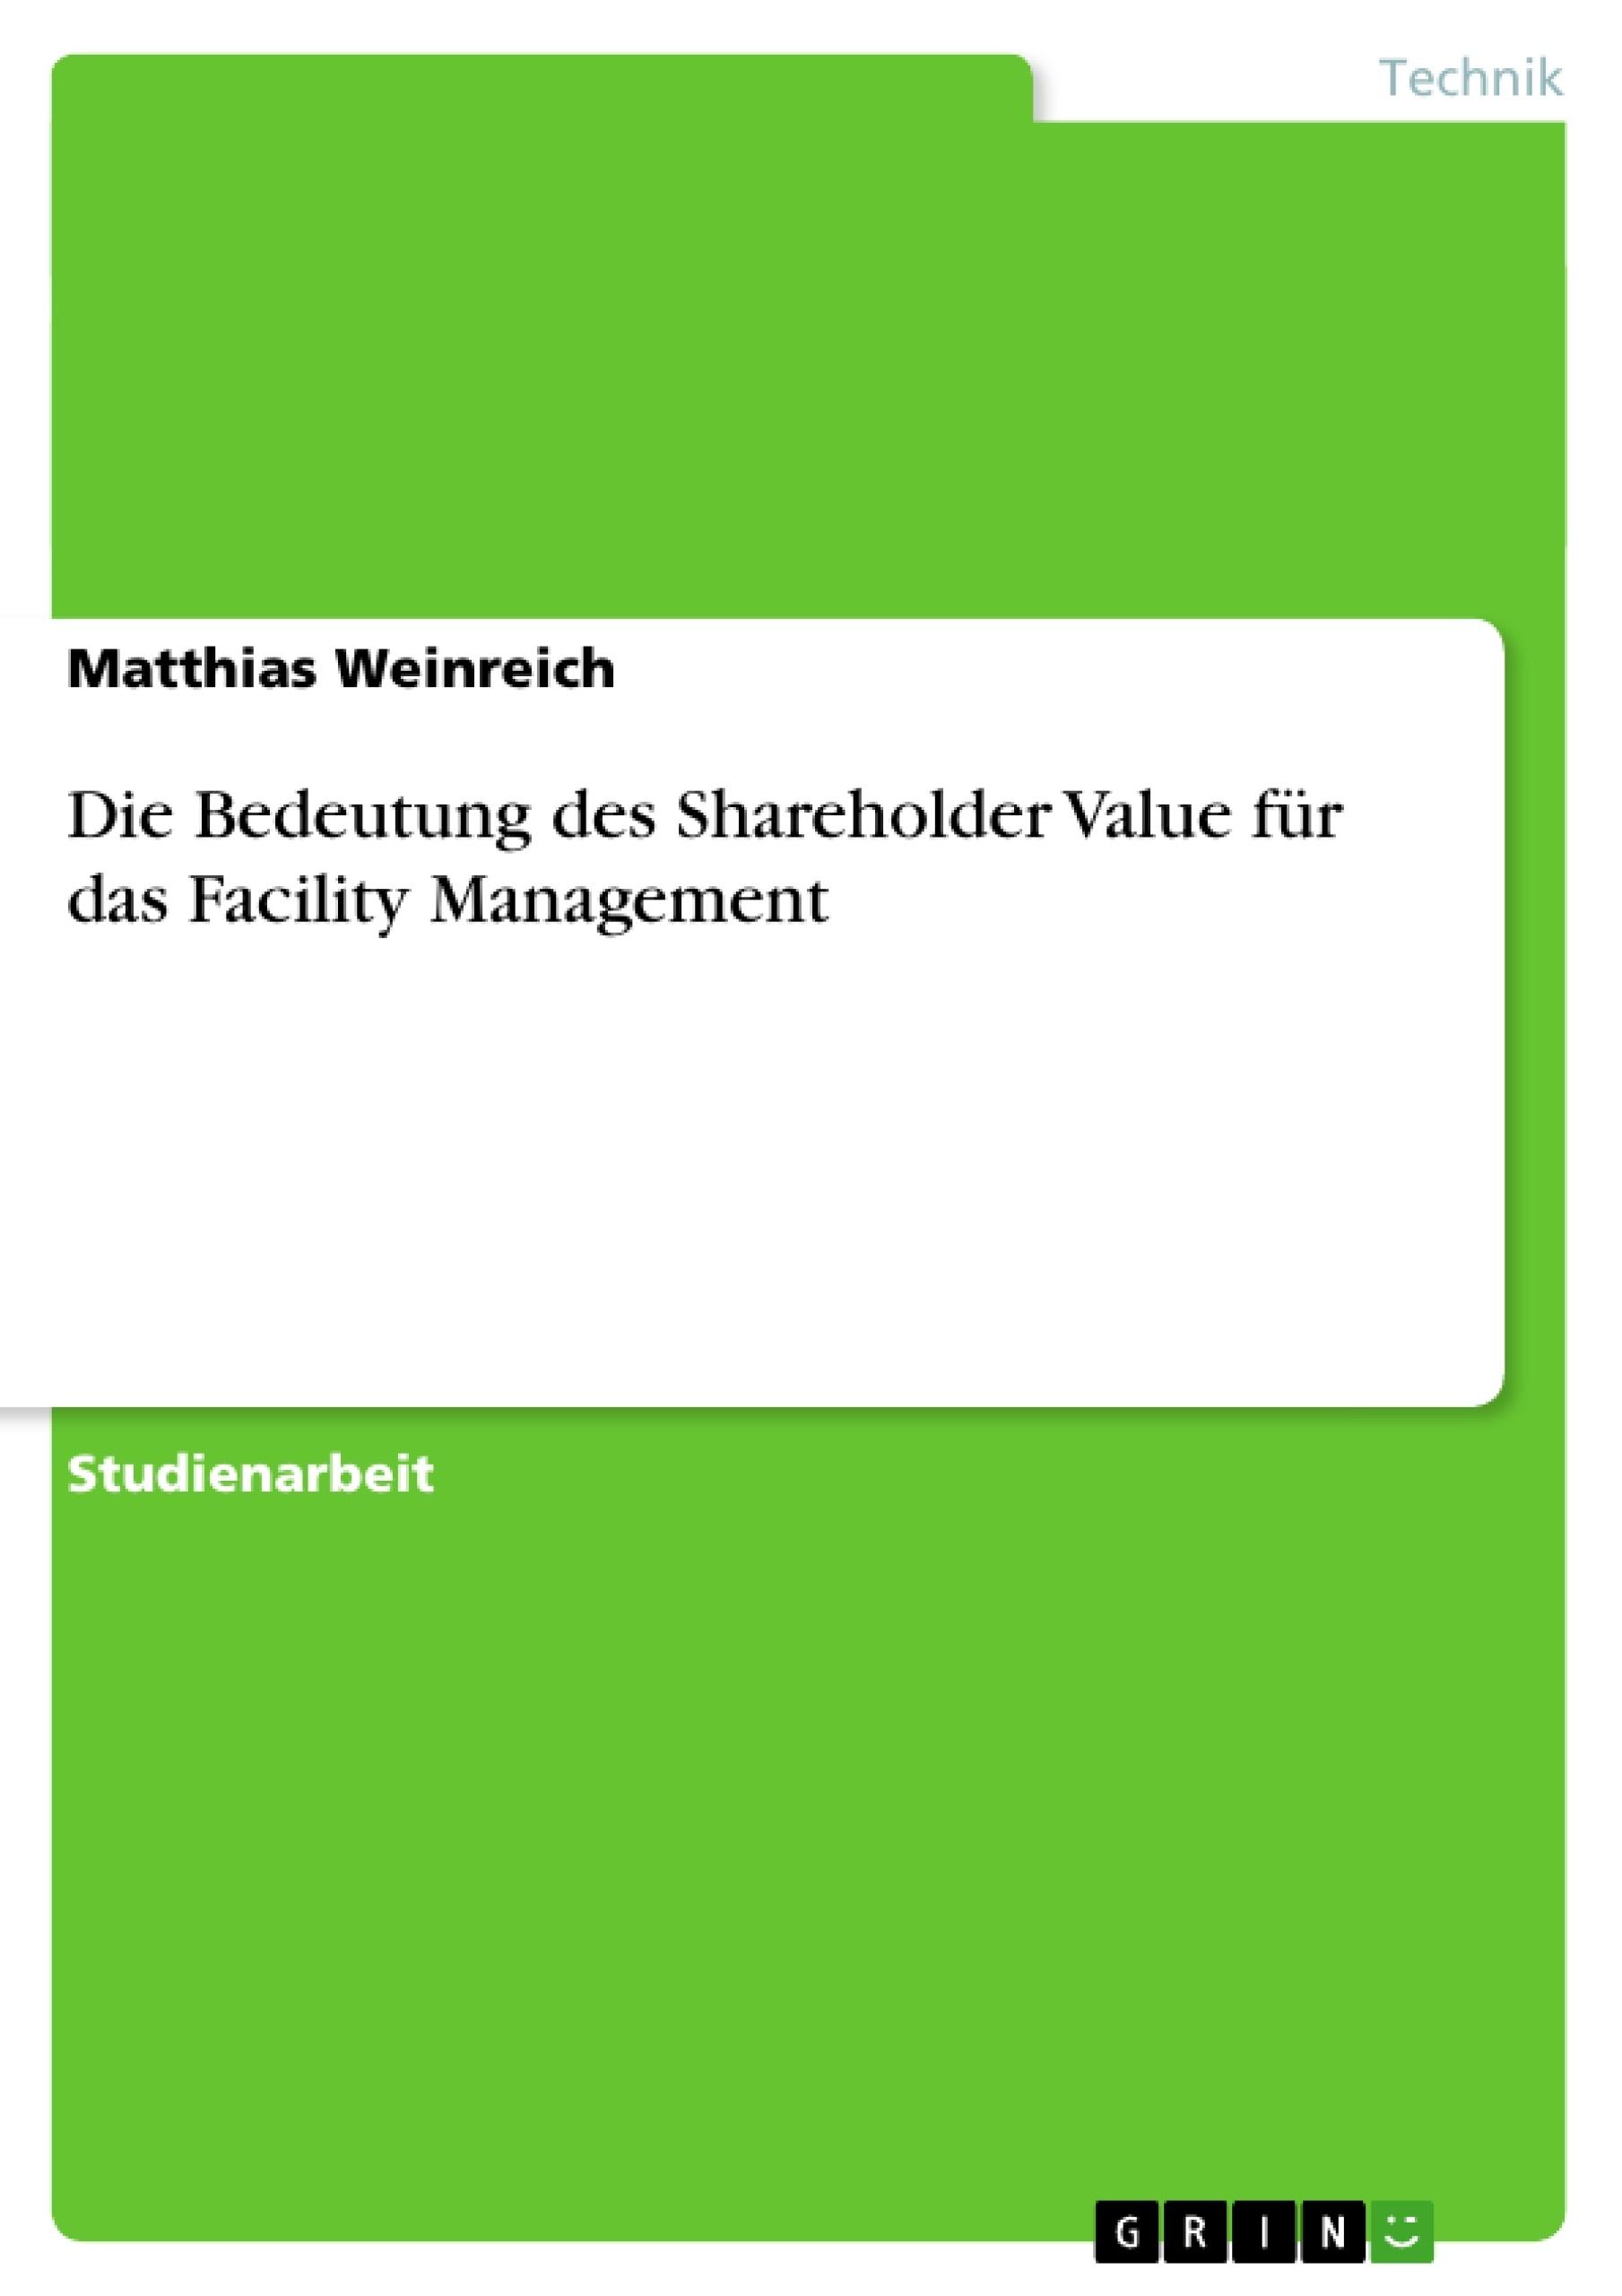 Titel: Die Bedeutung des Shareholder Value für das Facility Management